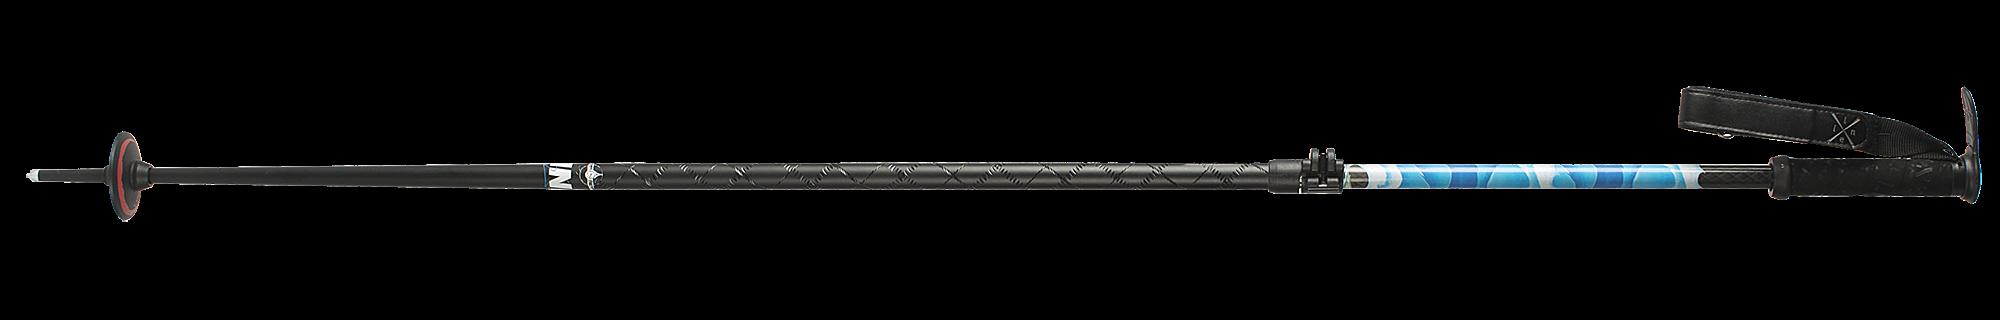 line_1617_pollard-carbon-pole_pole